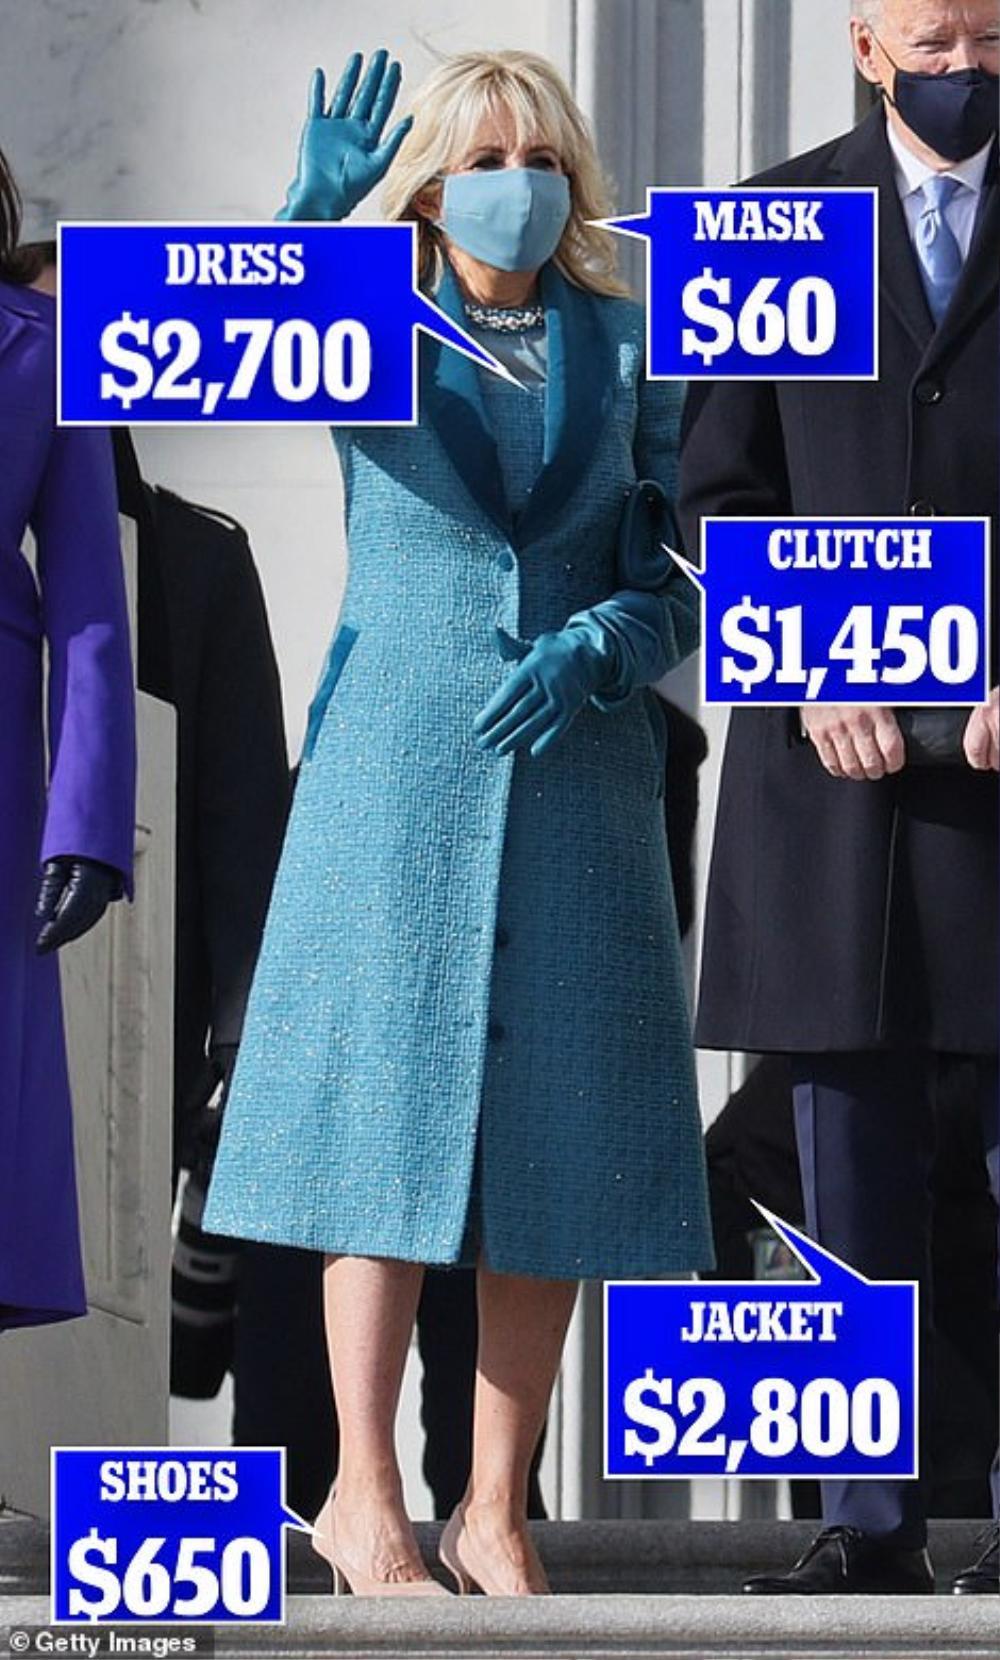 Tân Đệ nhất phu nhân Mỹ Jill Biden và Melania Trump 'so kè' trang phục cực gắt tại lễ nhậm chức Ảnh 5